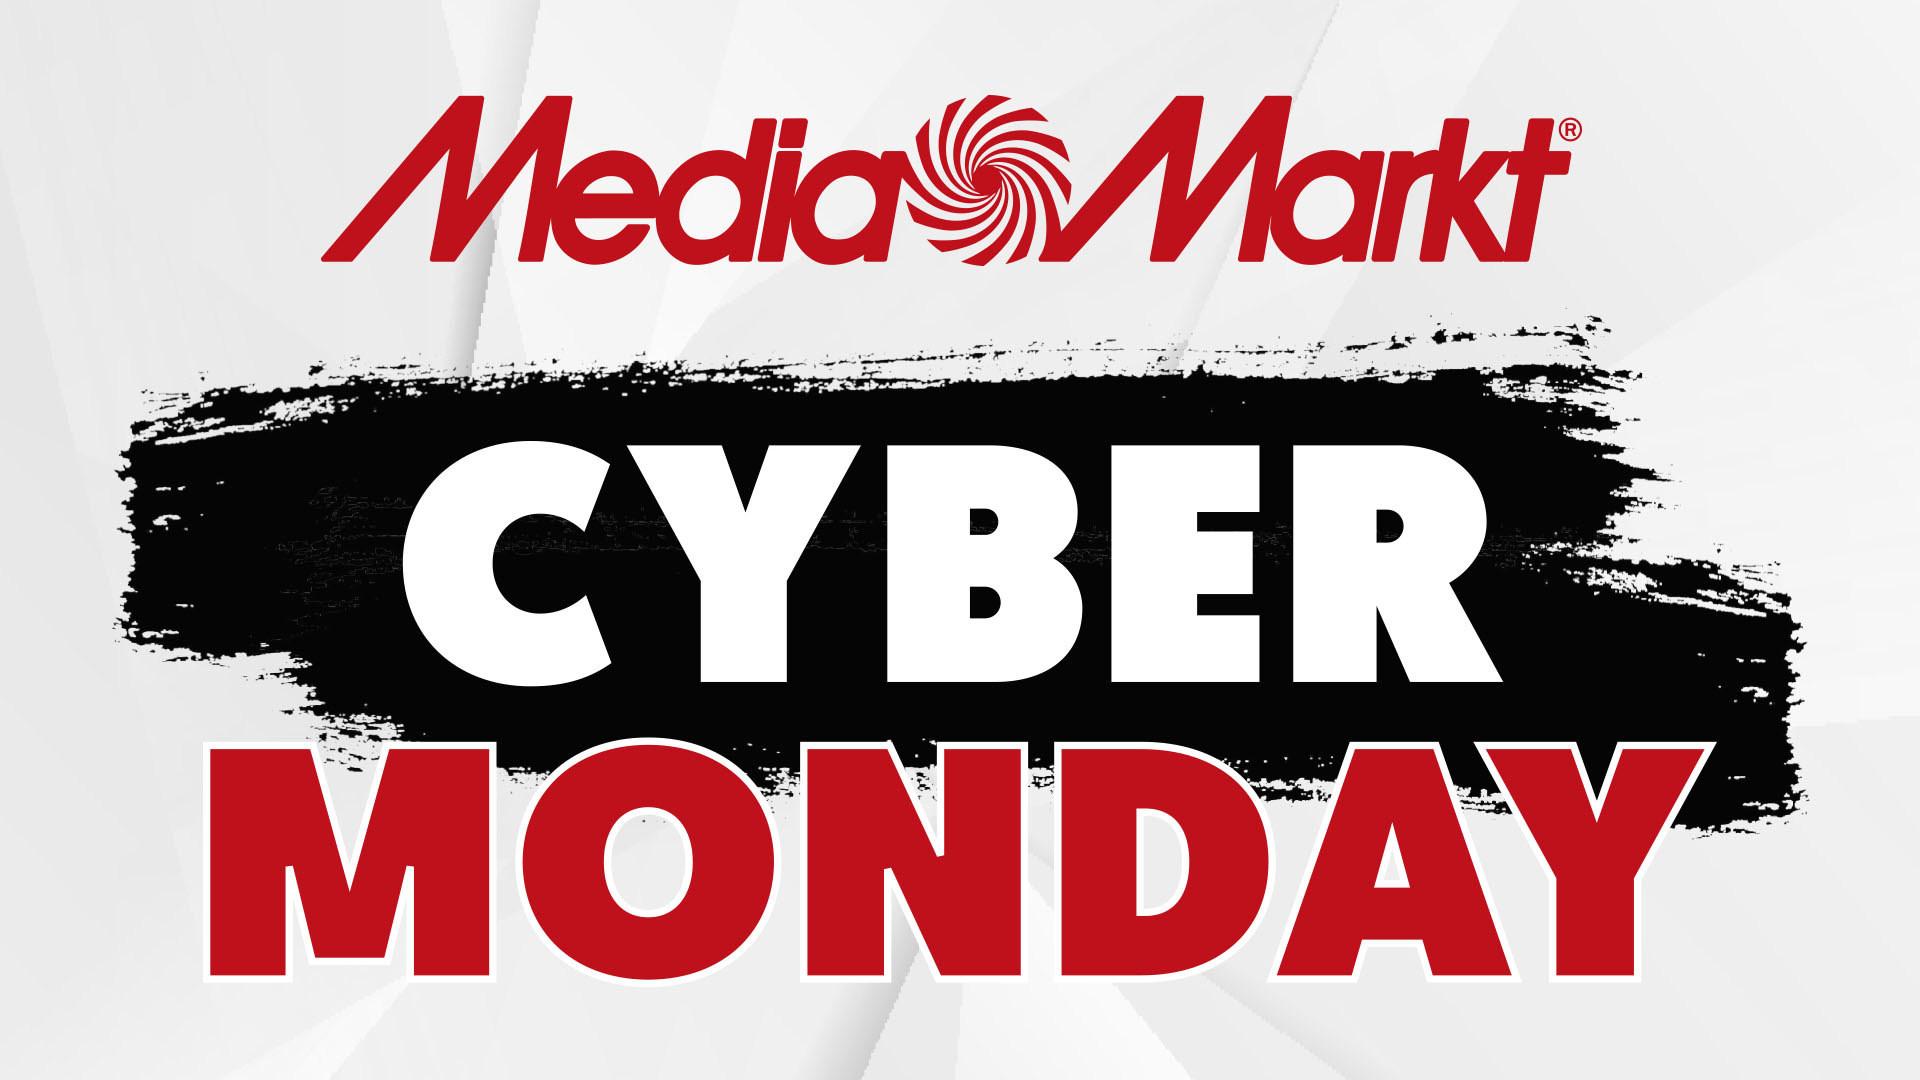 Media Markt, Cyber Monday, Mediamarkt, Cyber Monday Woche, MediaMarkt Logo